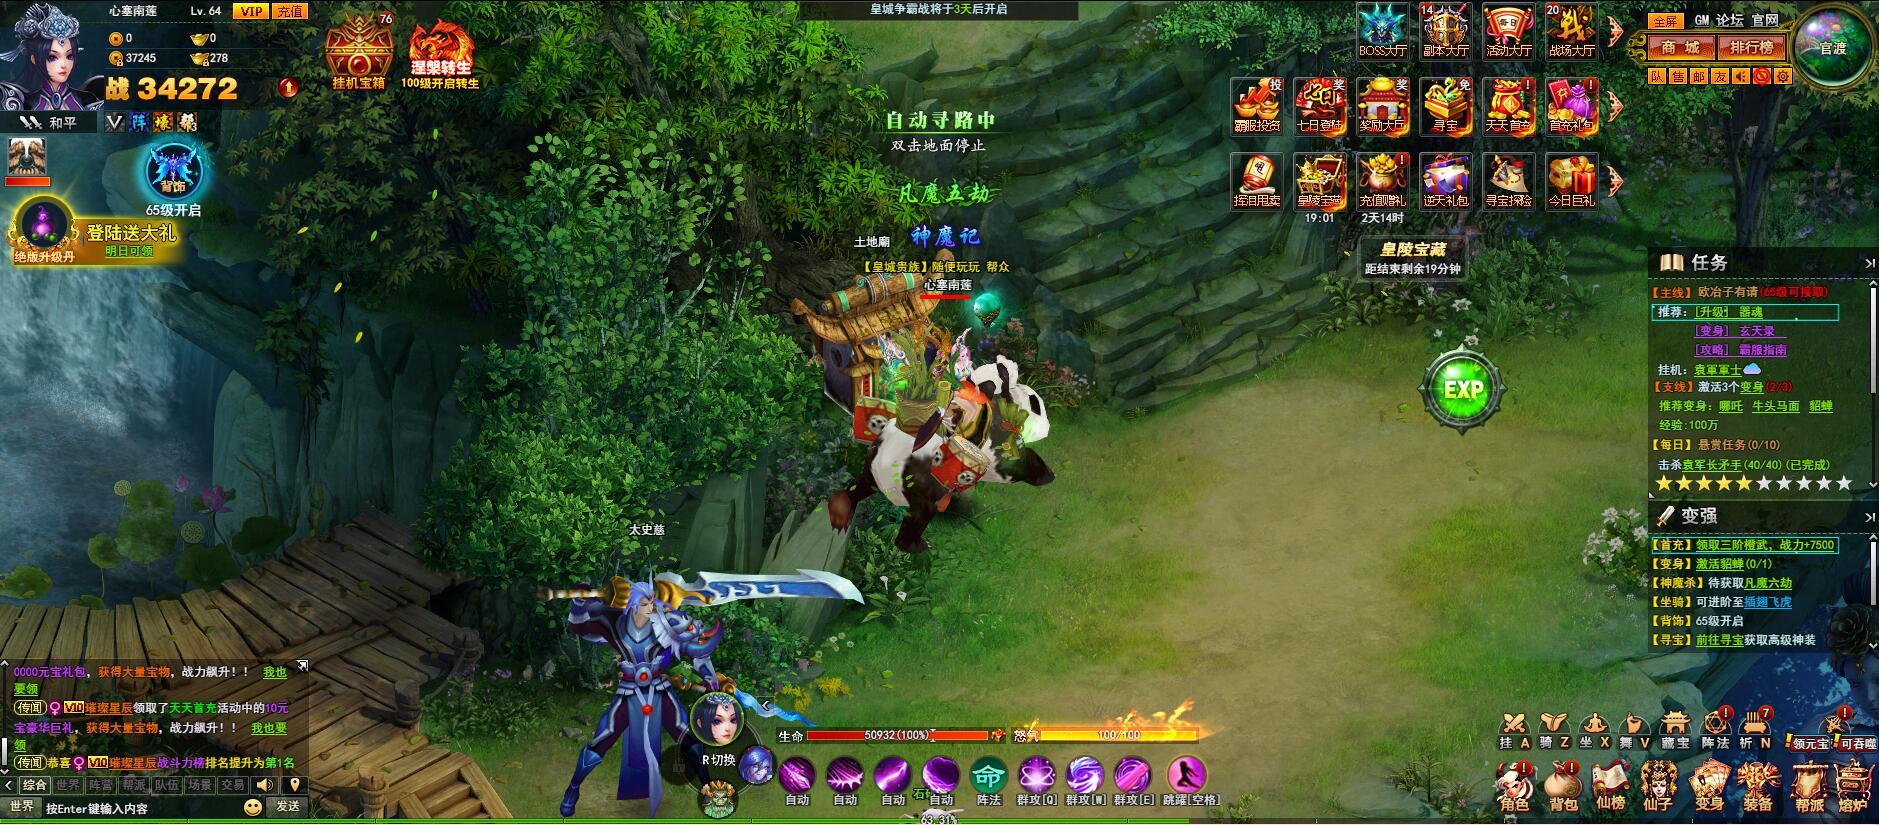 《神兵绝阵》游戏截图